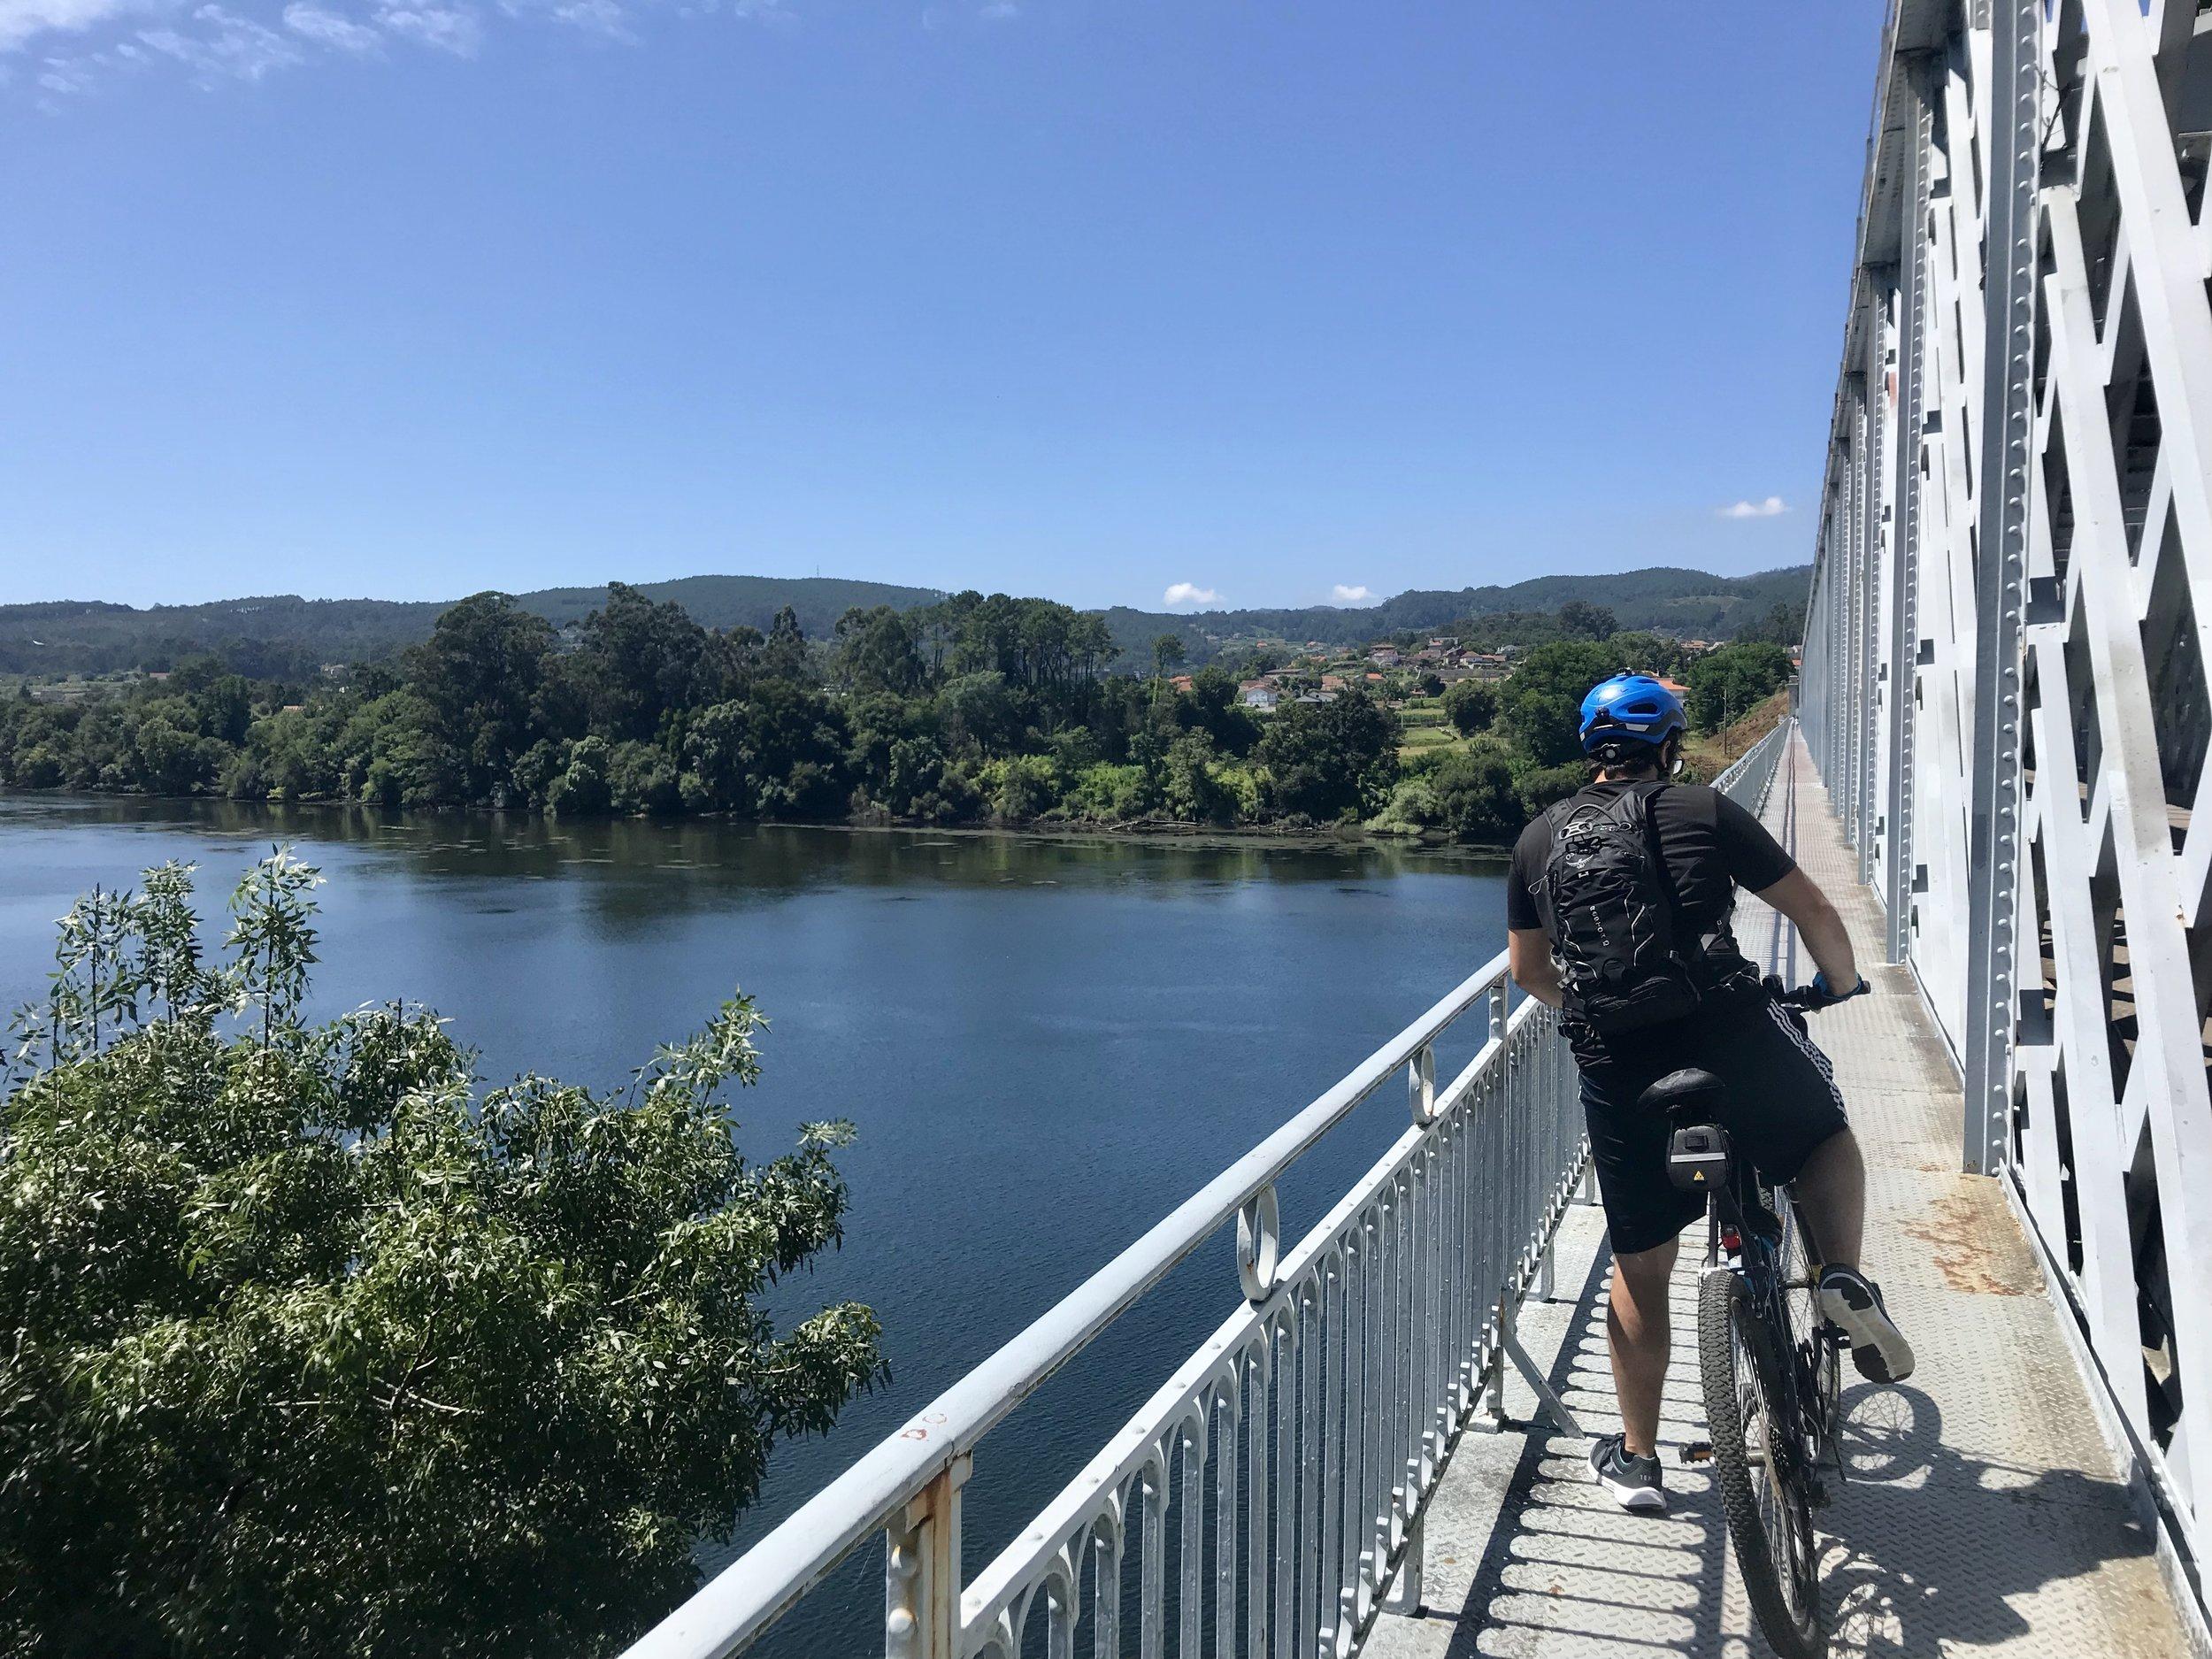 Frontier bridge between Portugal and Spain